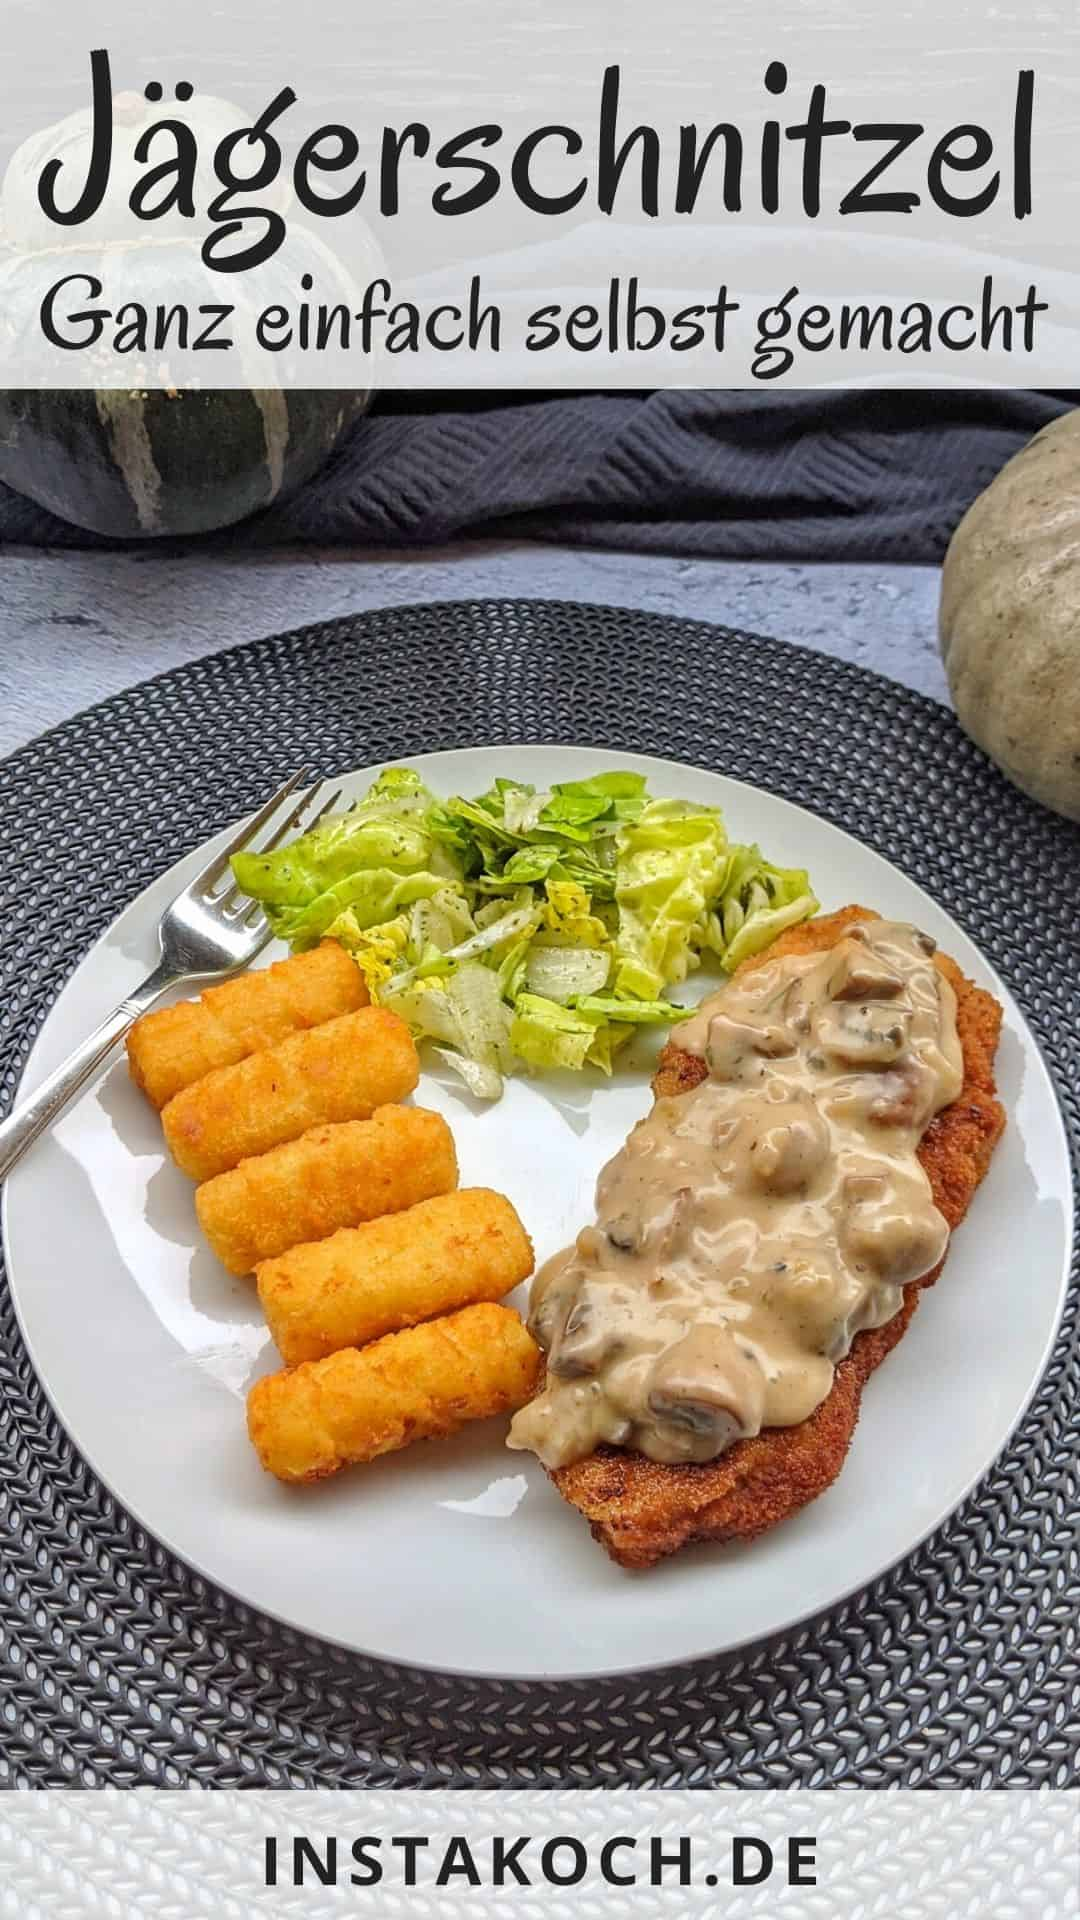 Ein weisser Teller mit einem Jägerschnitzel, Kroketten und Salat.